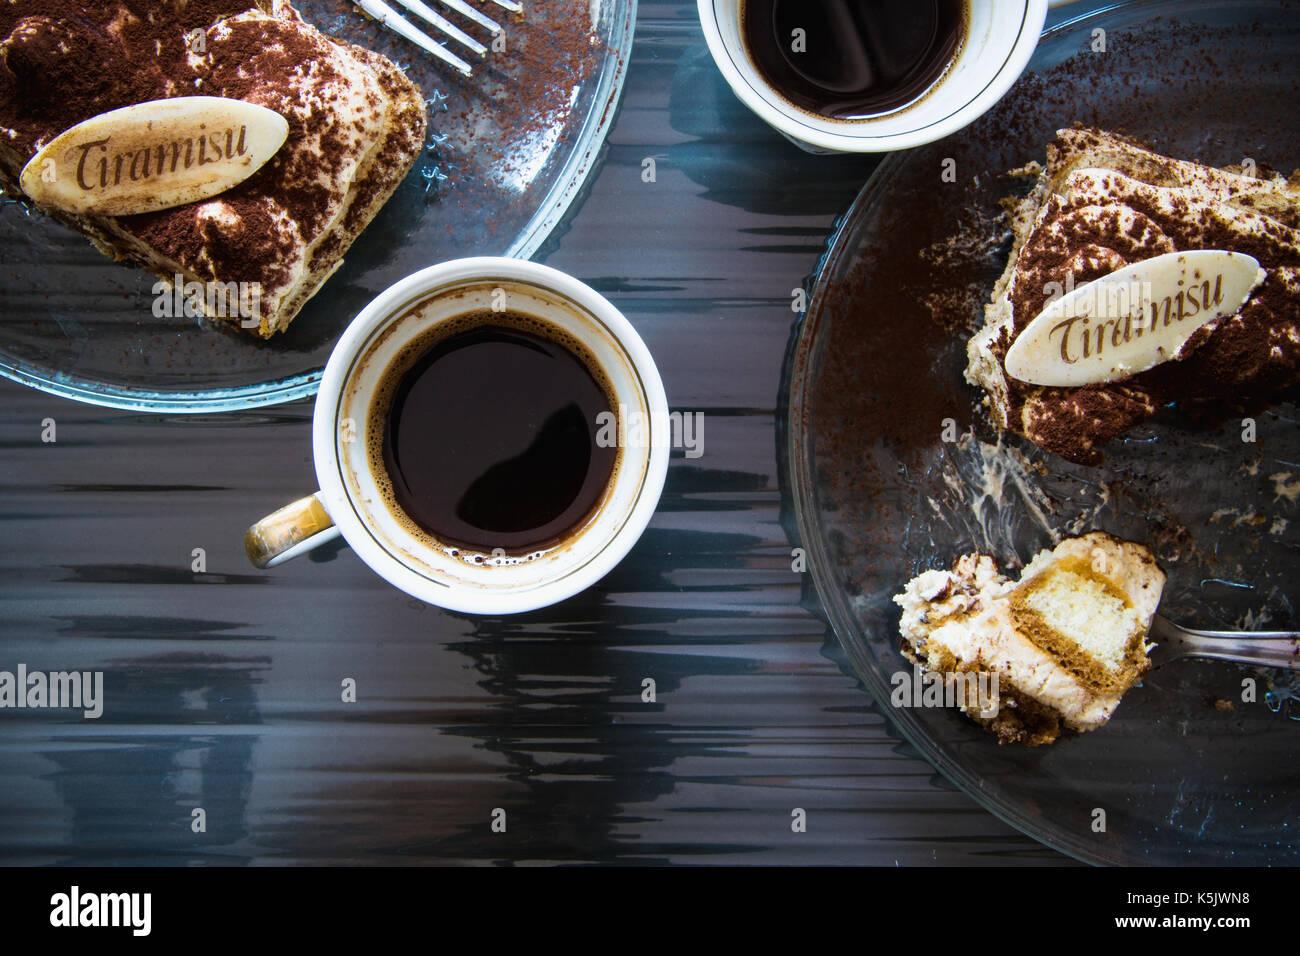 Vista dall'alto di un tiramisù e caffè per due Immagini Stock